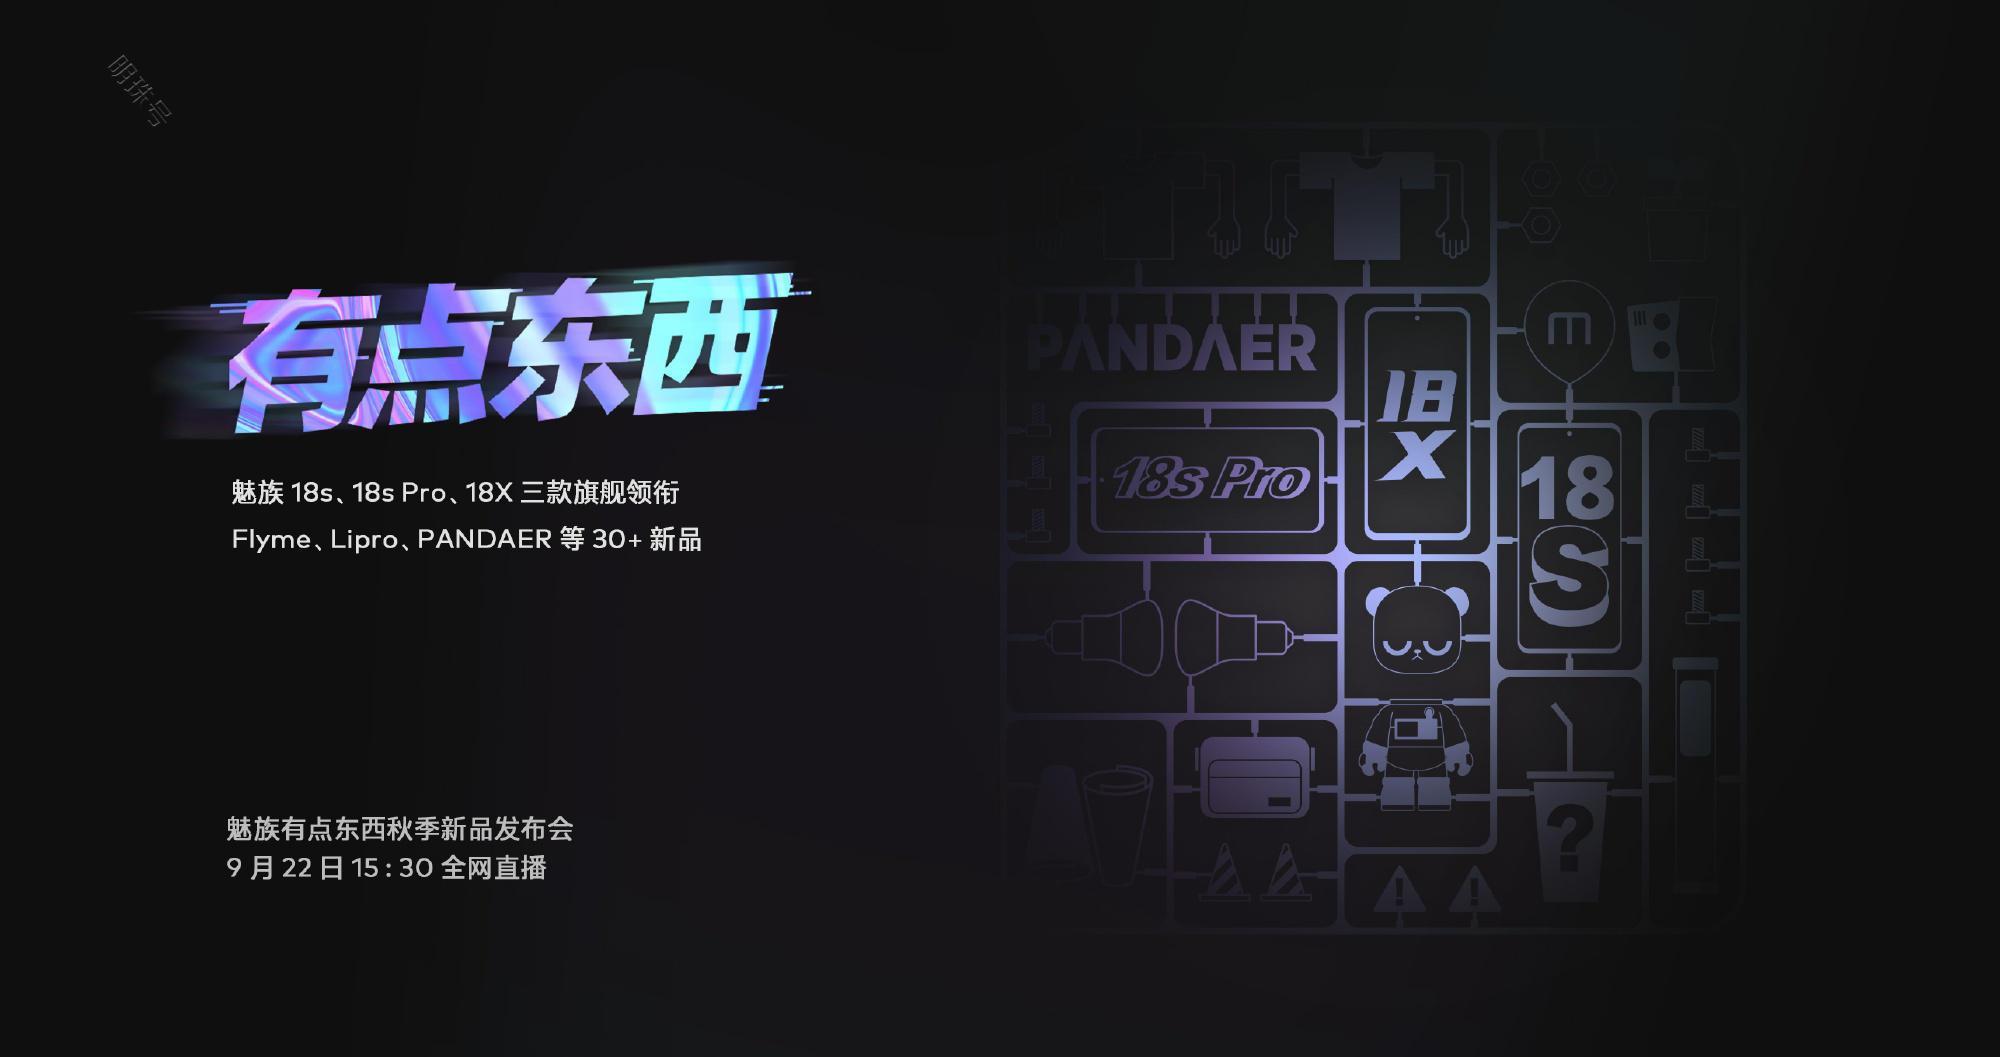 魅族18s渲染图正式发布,骁龙888plus加持